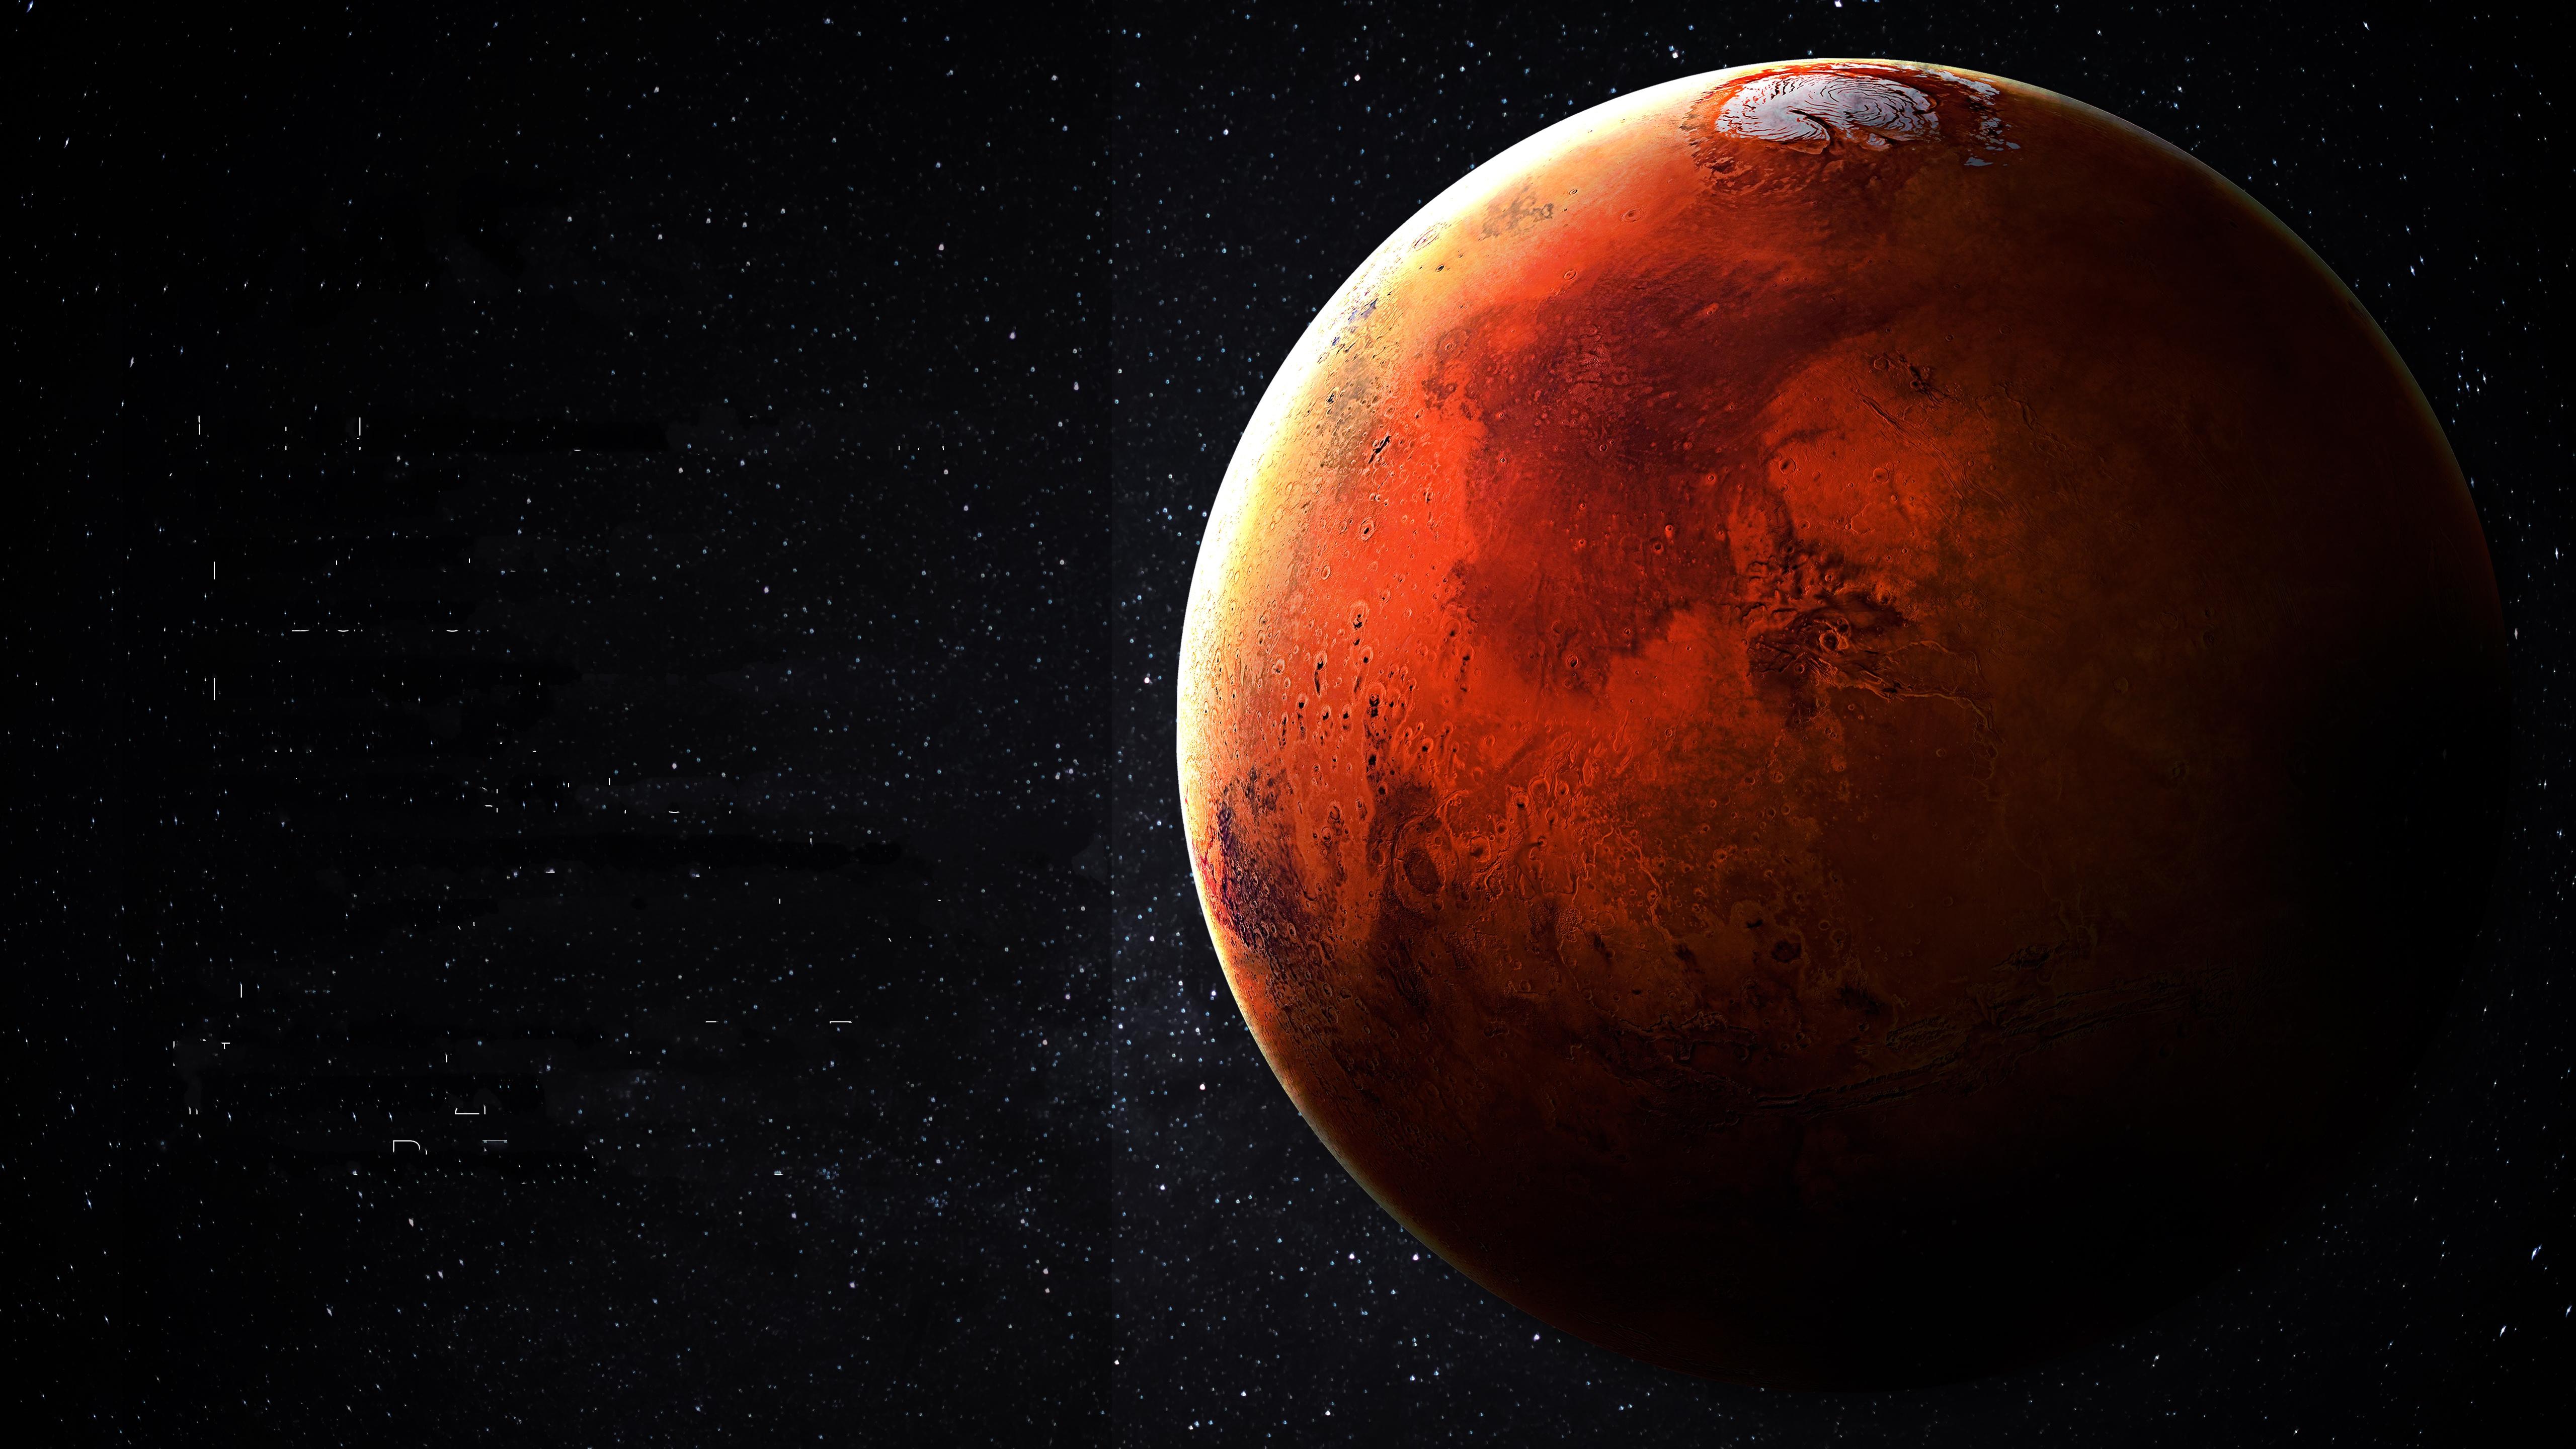 火星5k Retina Ultra 高清壁纸 桌面背景 5120x2880 Id 681652